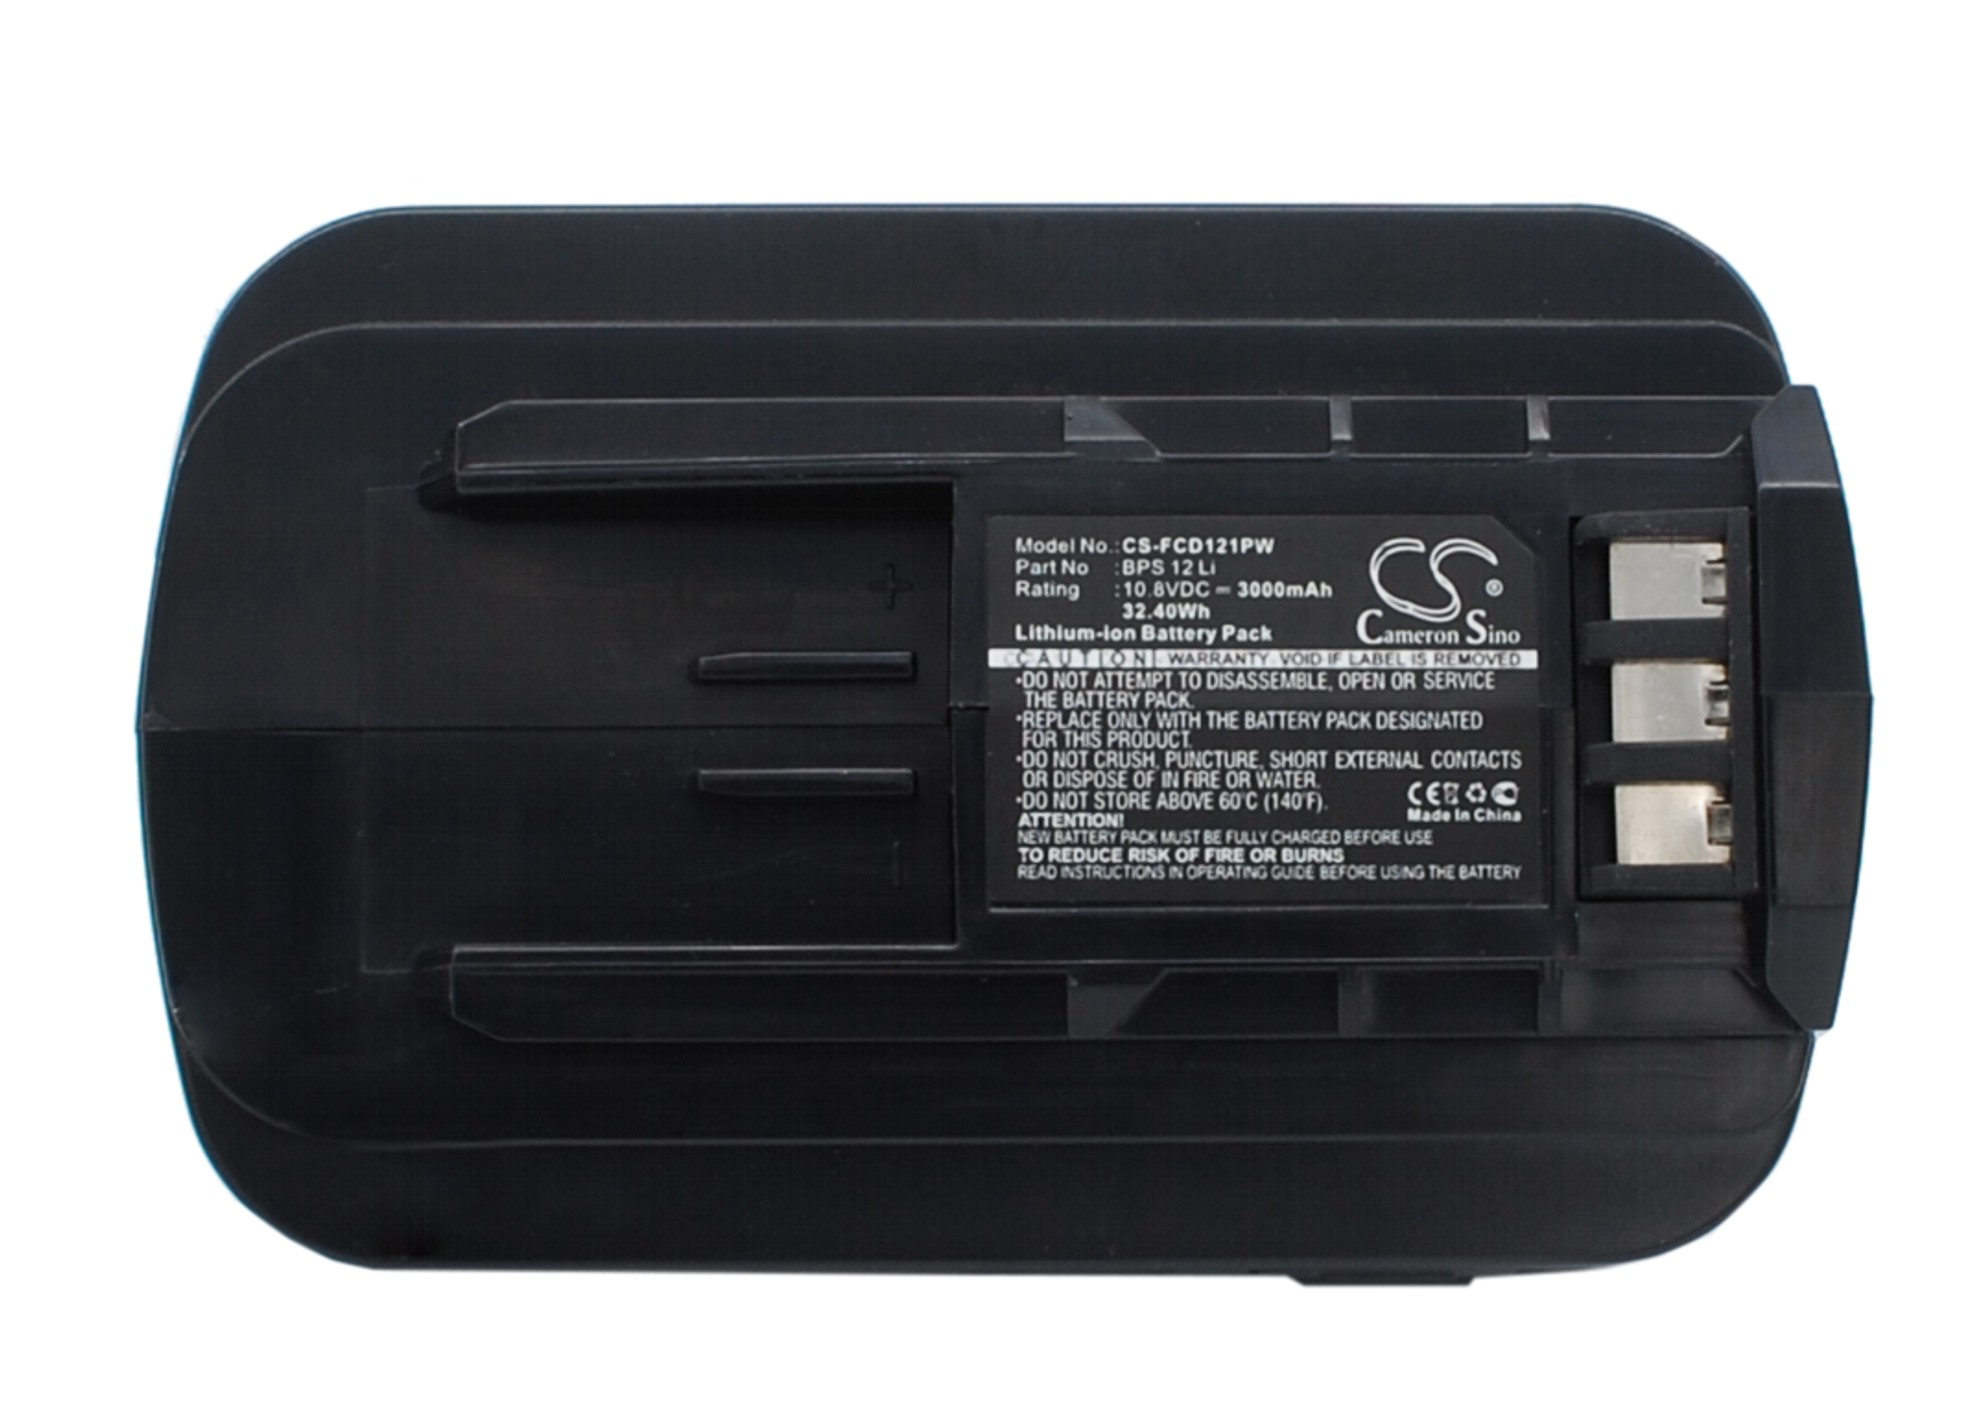 Cameron Sino baterie do nářadí pro FESTOOL T12+3 Cordless Drill 10.8V Li-ion 3000mAh černá - neoriginální